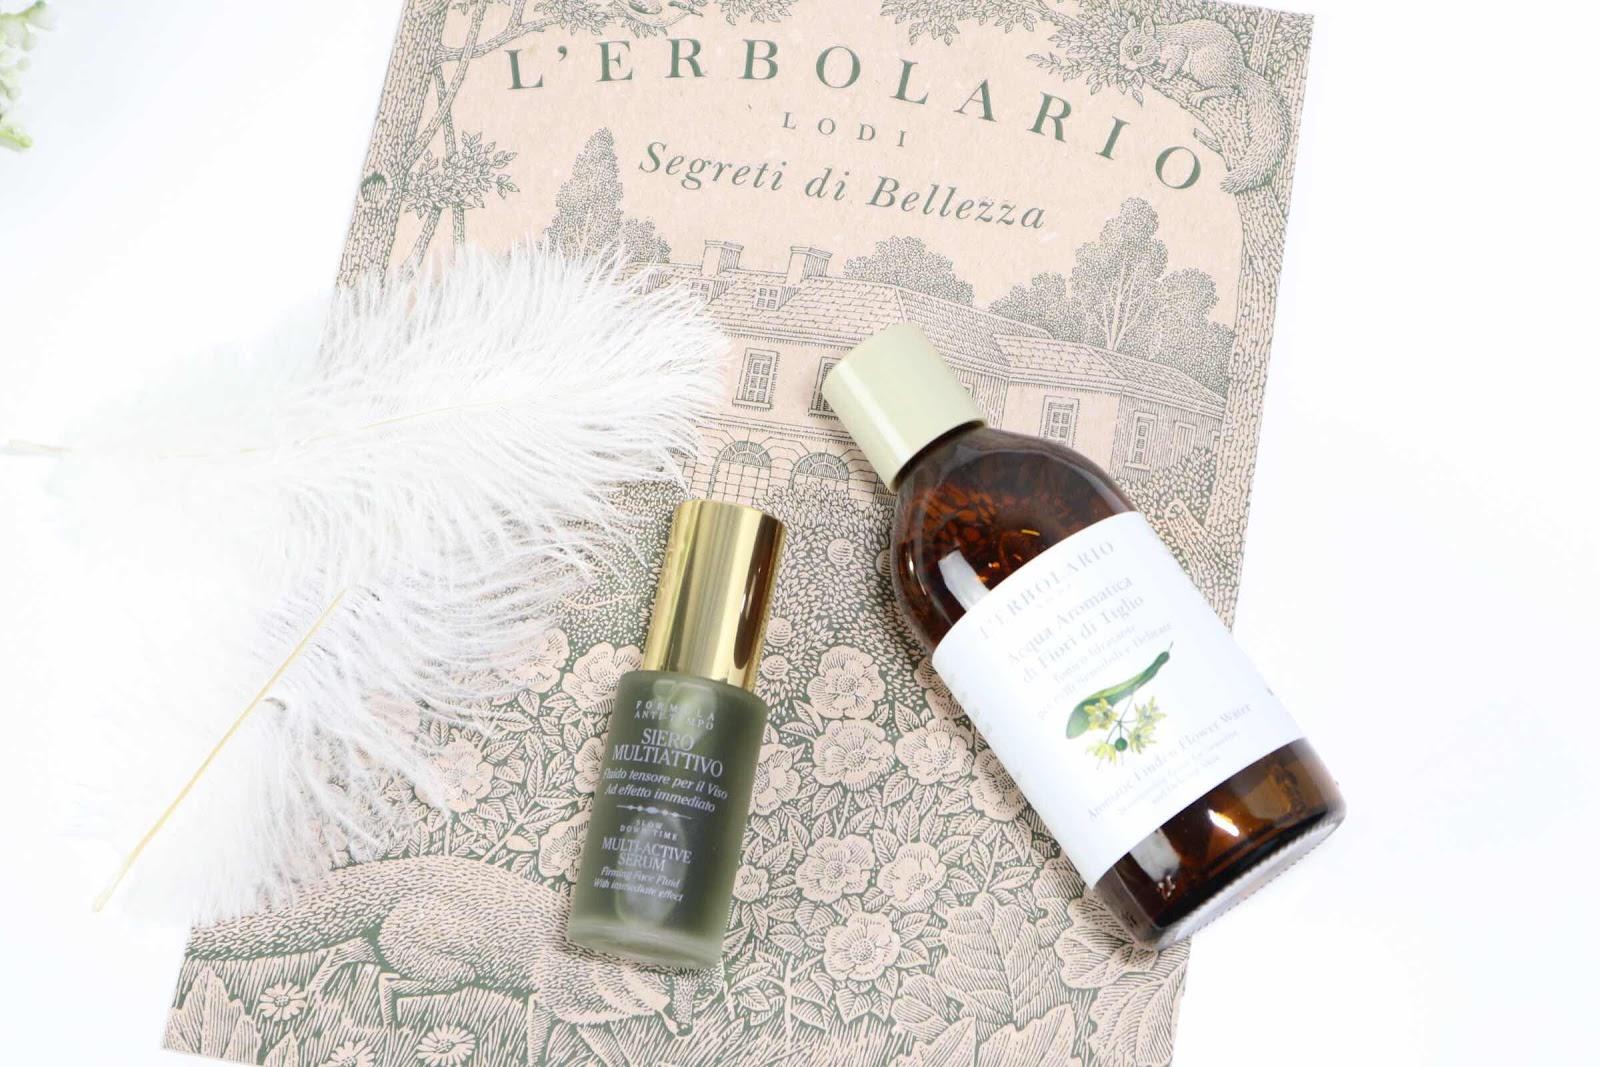 美容急救聖品 ~ L'Erbolario 青春能量系列 ~ 用過最低刺激性的抗皺護膚品 ...